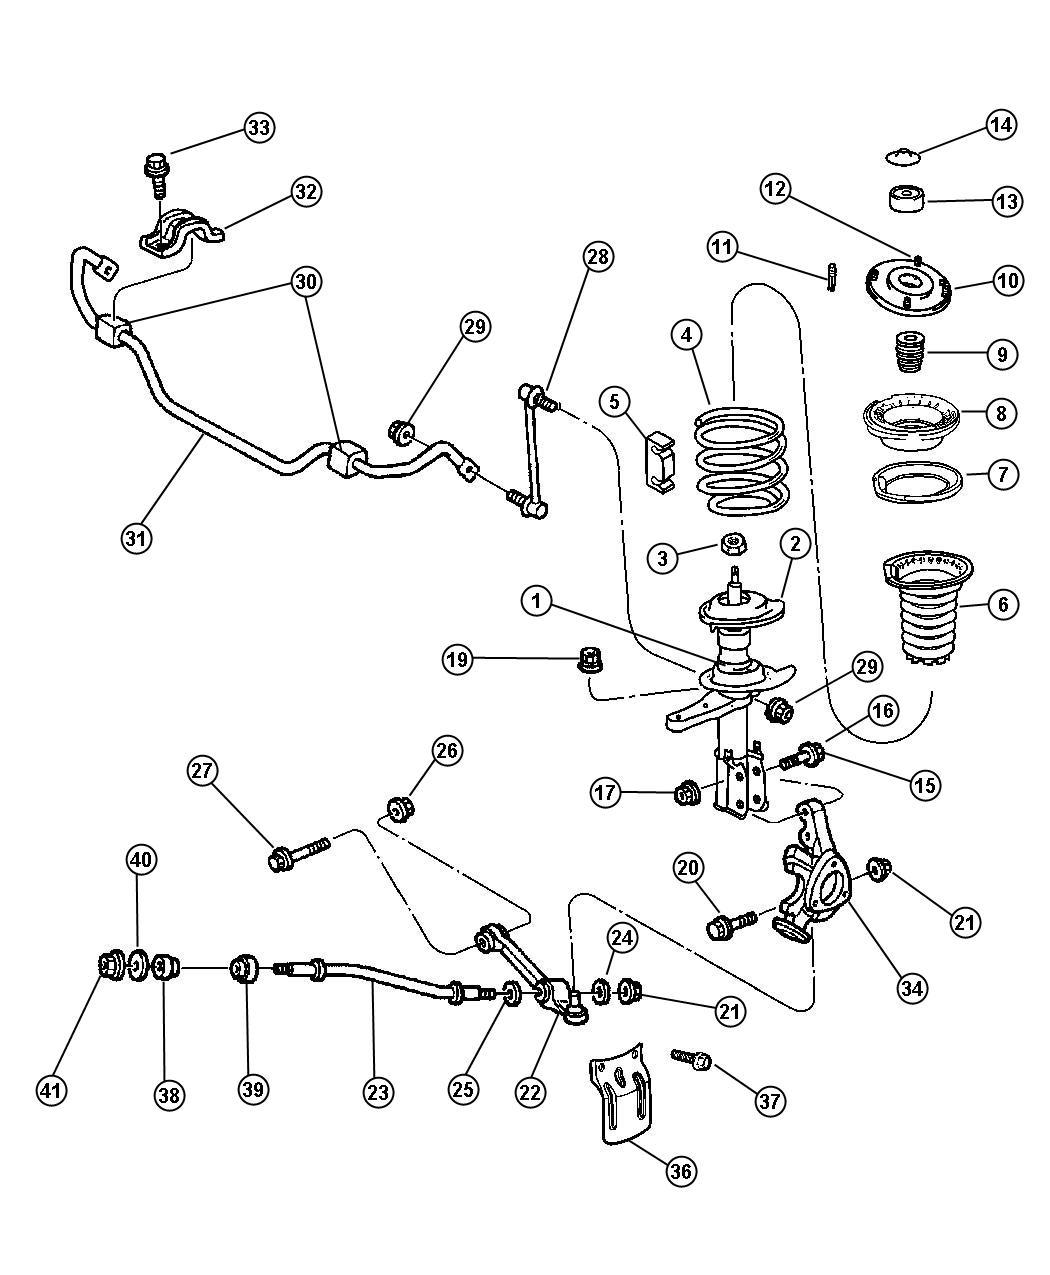 Dodge Intrepid Arm Control Left Lower Suspension